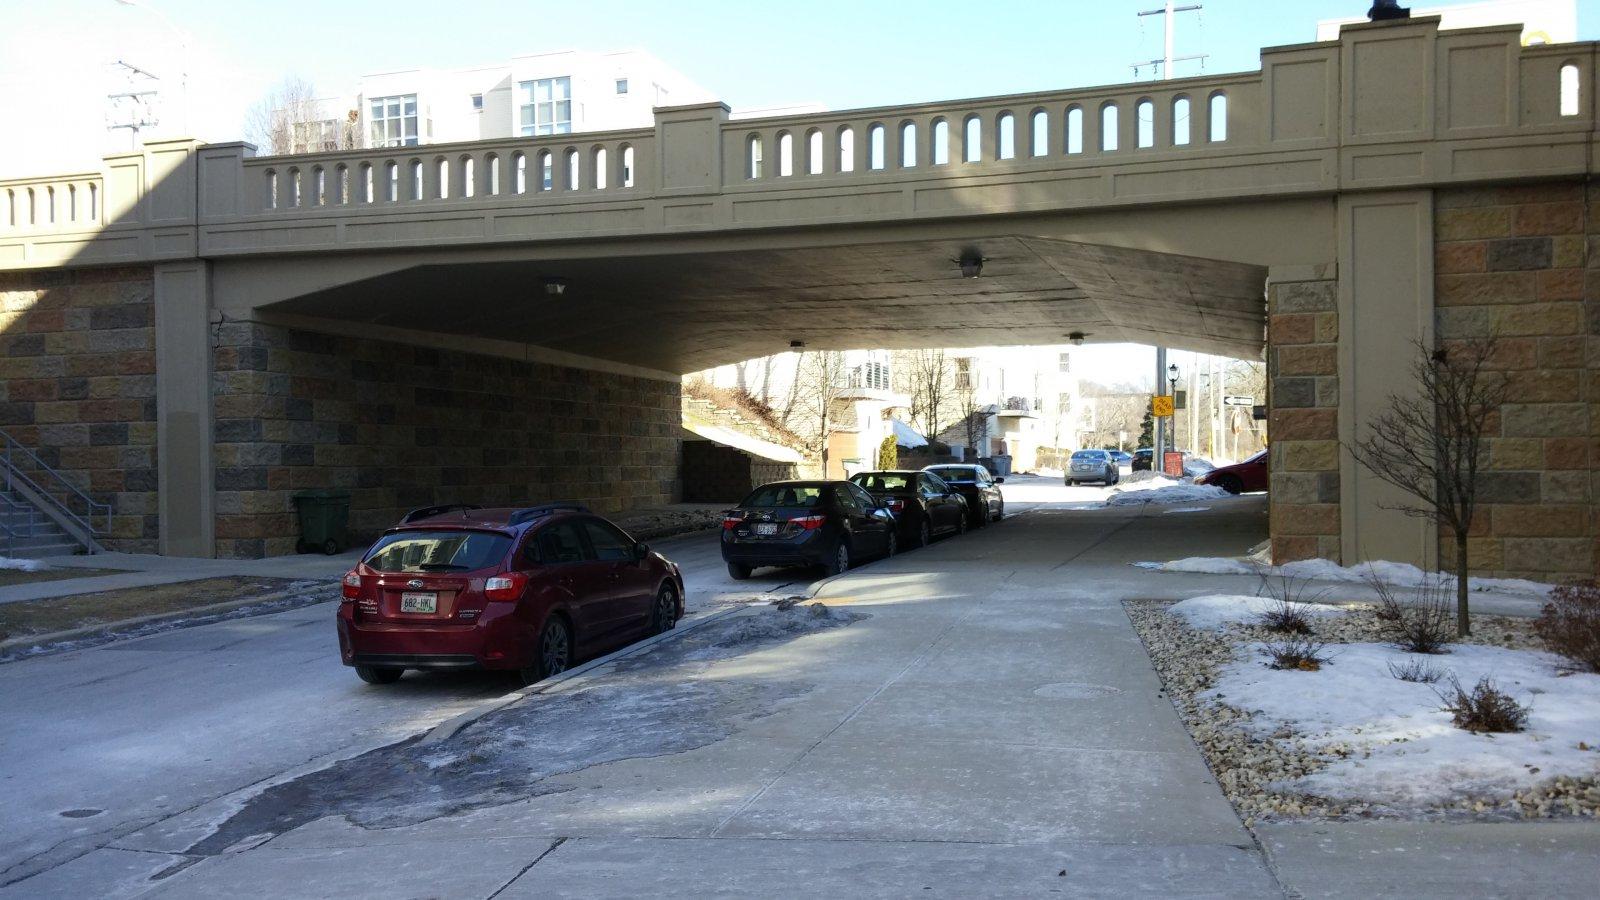 N. Riverboat Road goes under the N. Humboldt Avenue Bridge